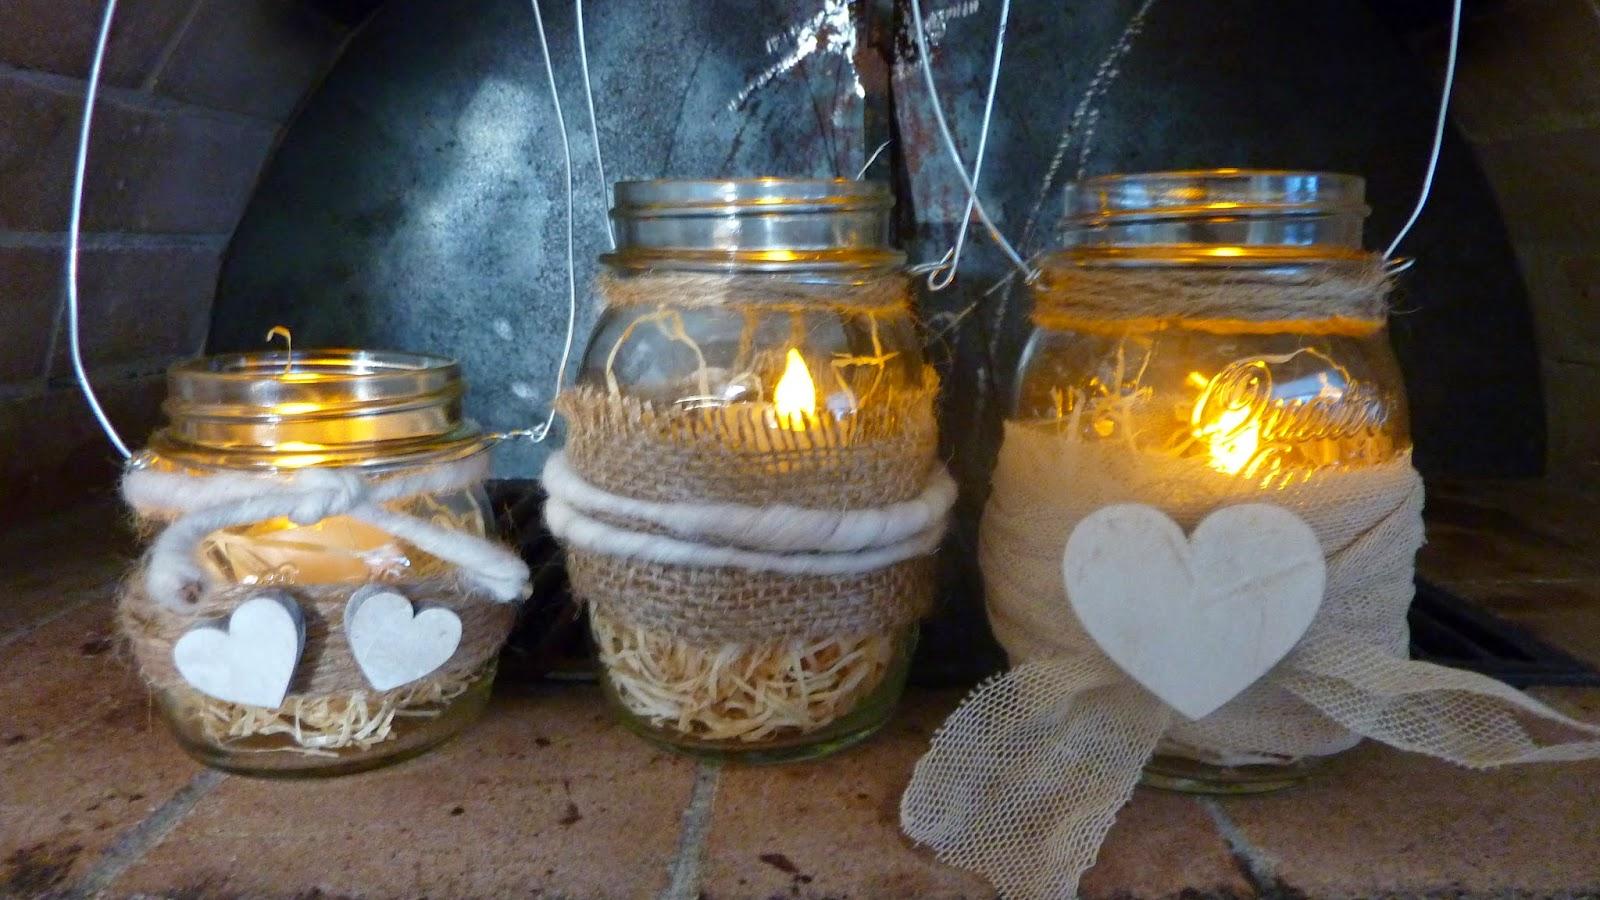 Lanterna romantica fai da te 20 idee per la san valentino - Tovaglie shabby fai da te ...